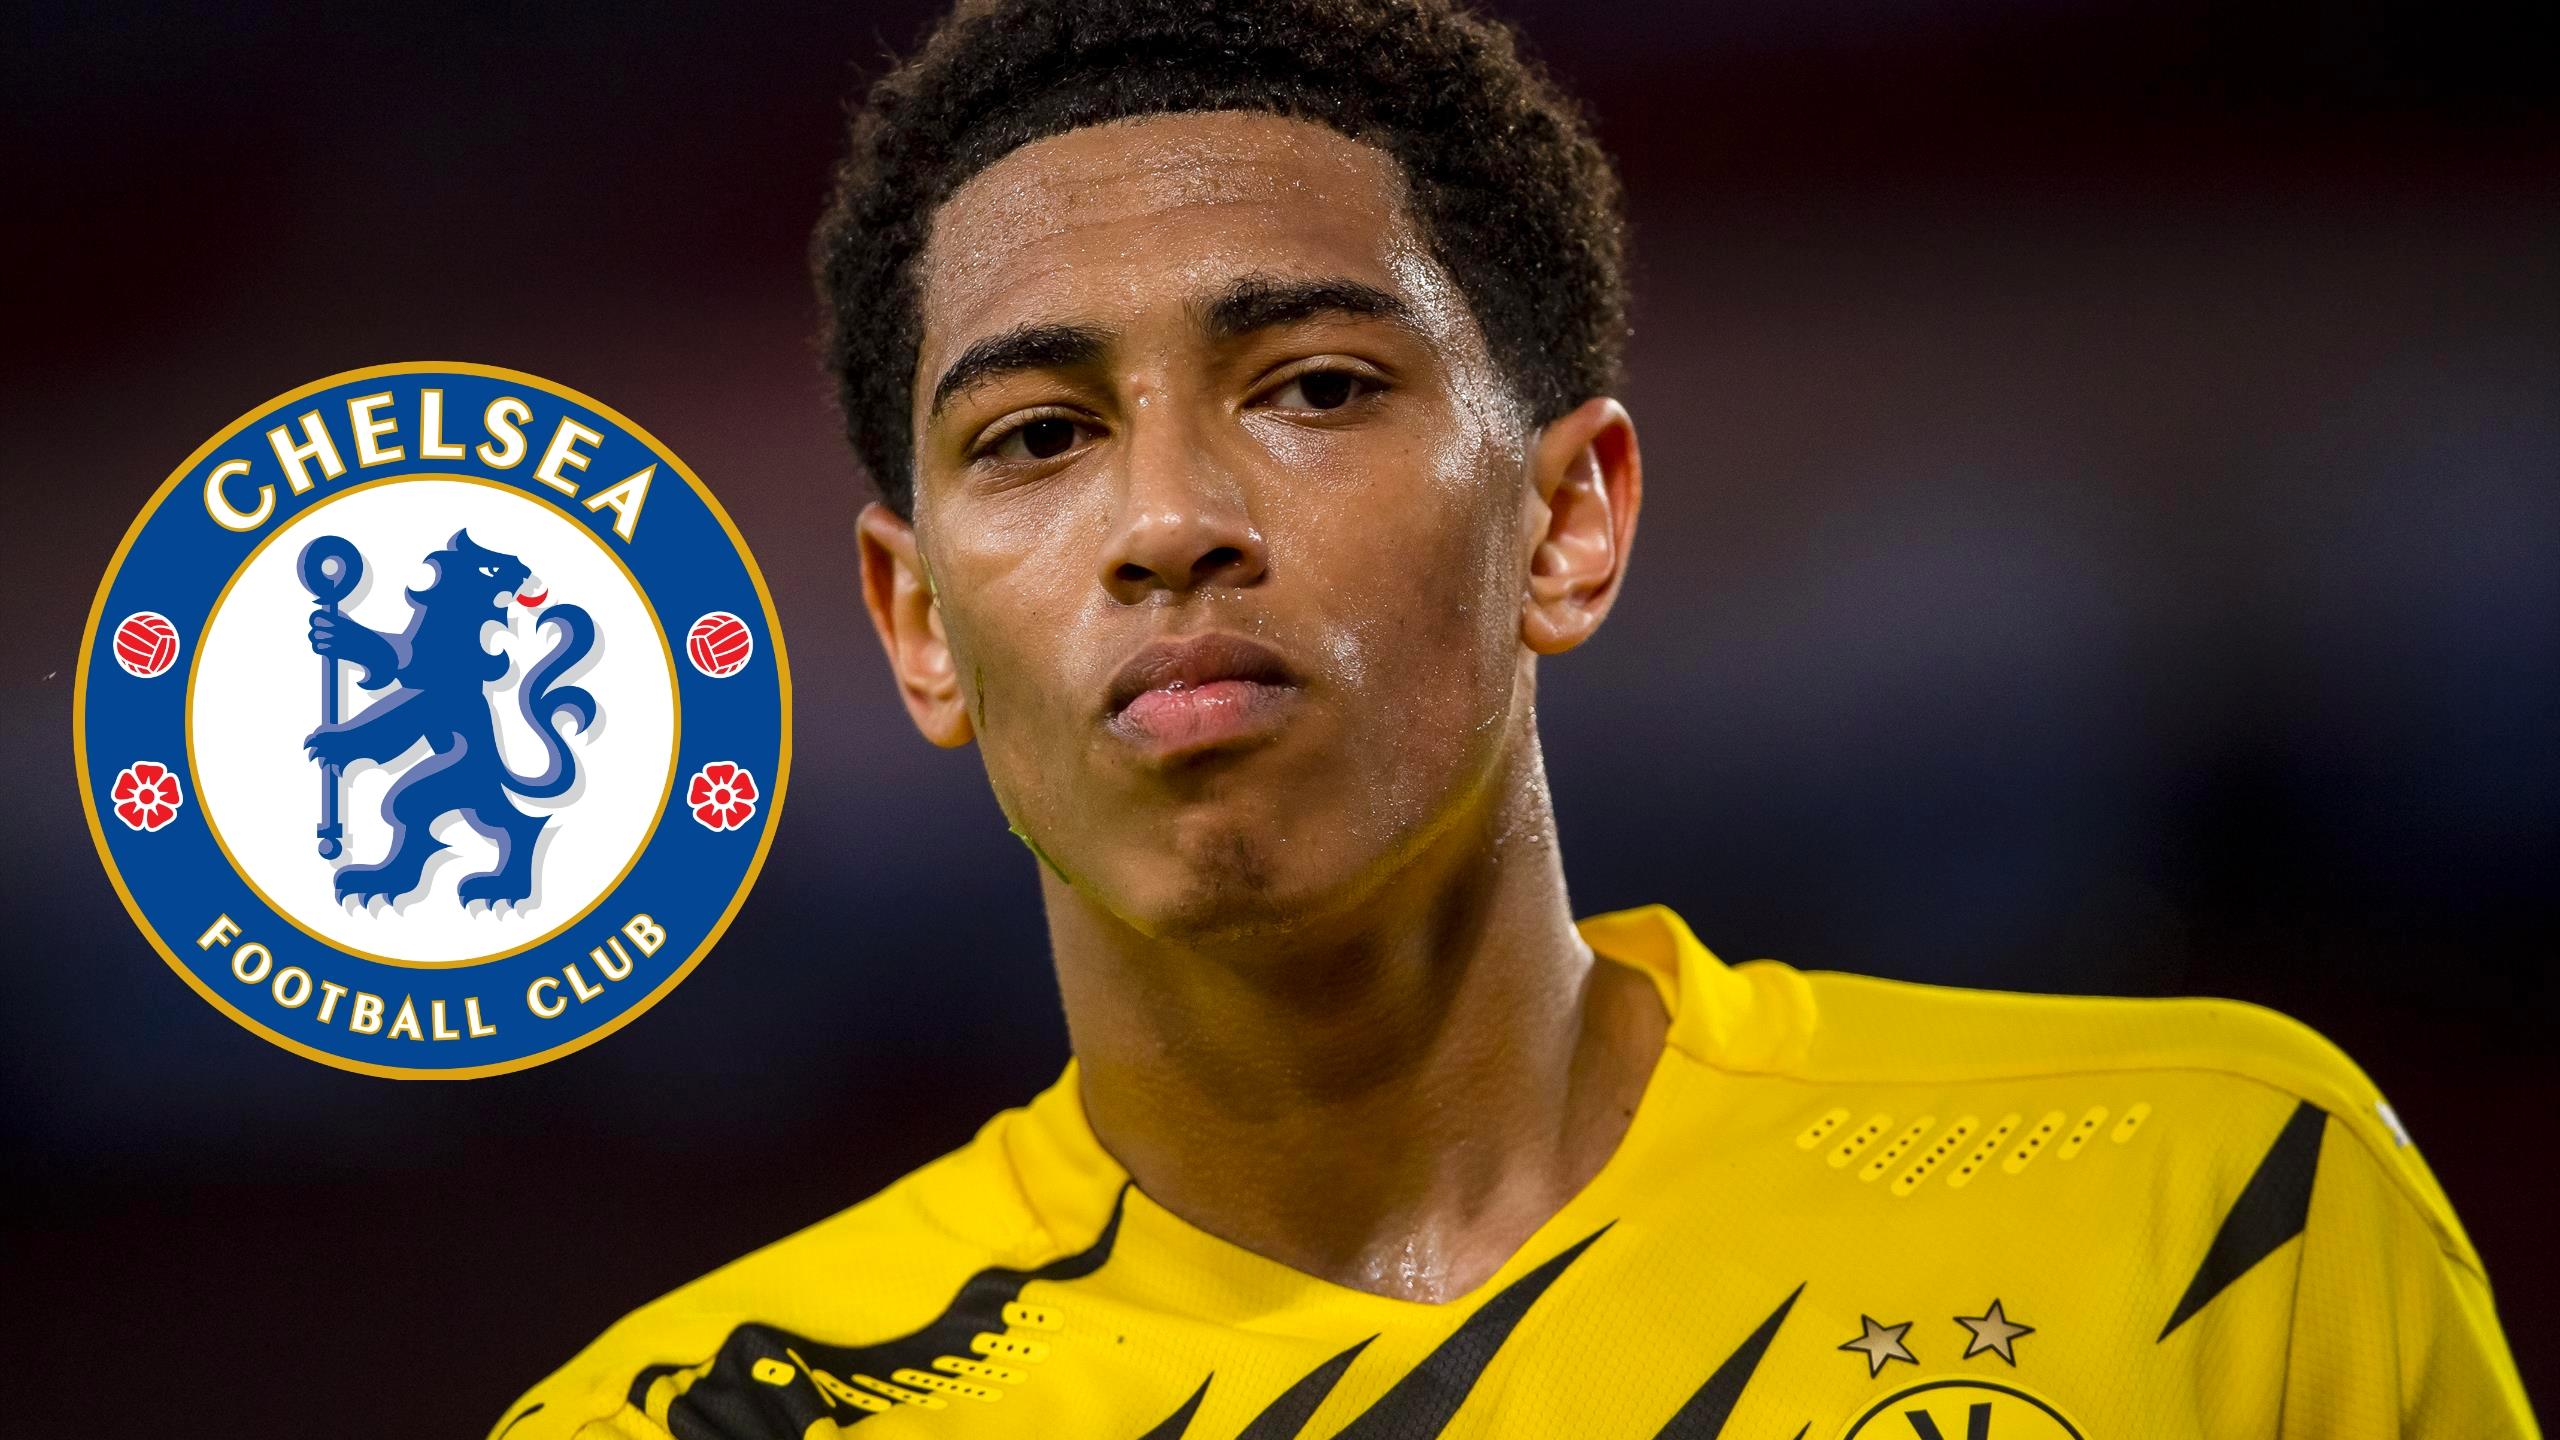 """Tin chuyển nhượng Chelsea: Khó có được Jude Bellingham vì mong muốn giữ chân """"báu vật"""" của Dortmund"""